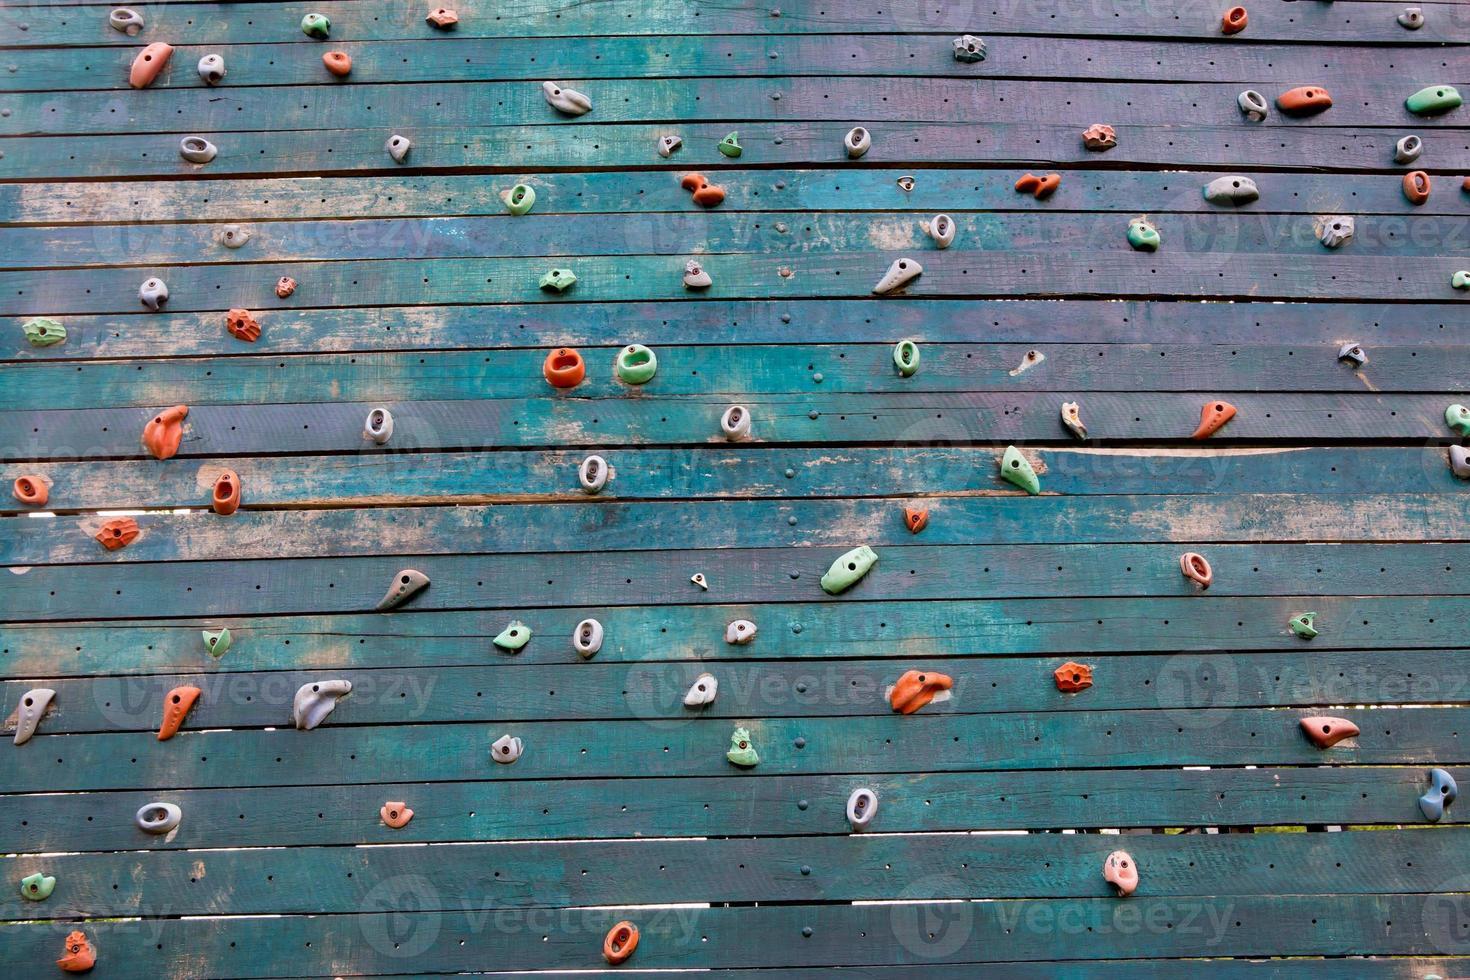 Grunge surface d'un mur d'escalade artificiel photo